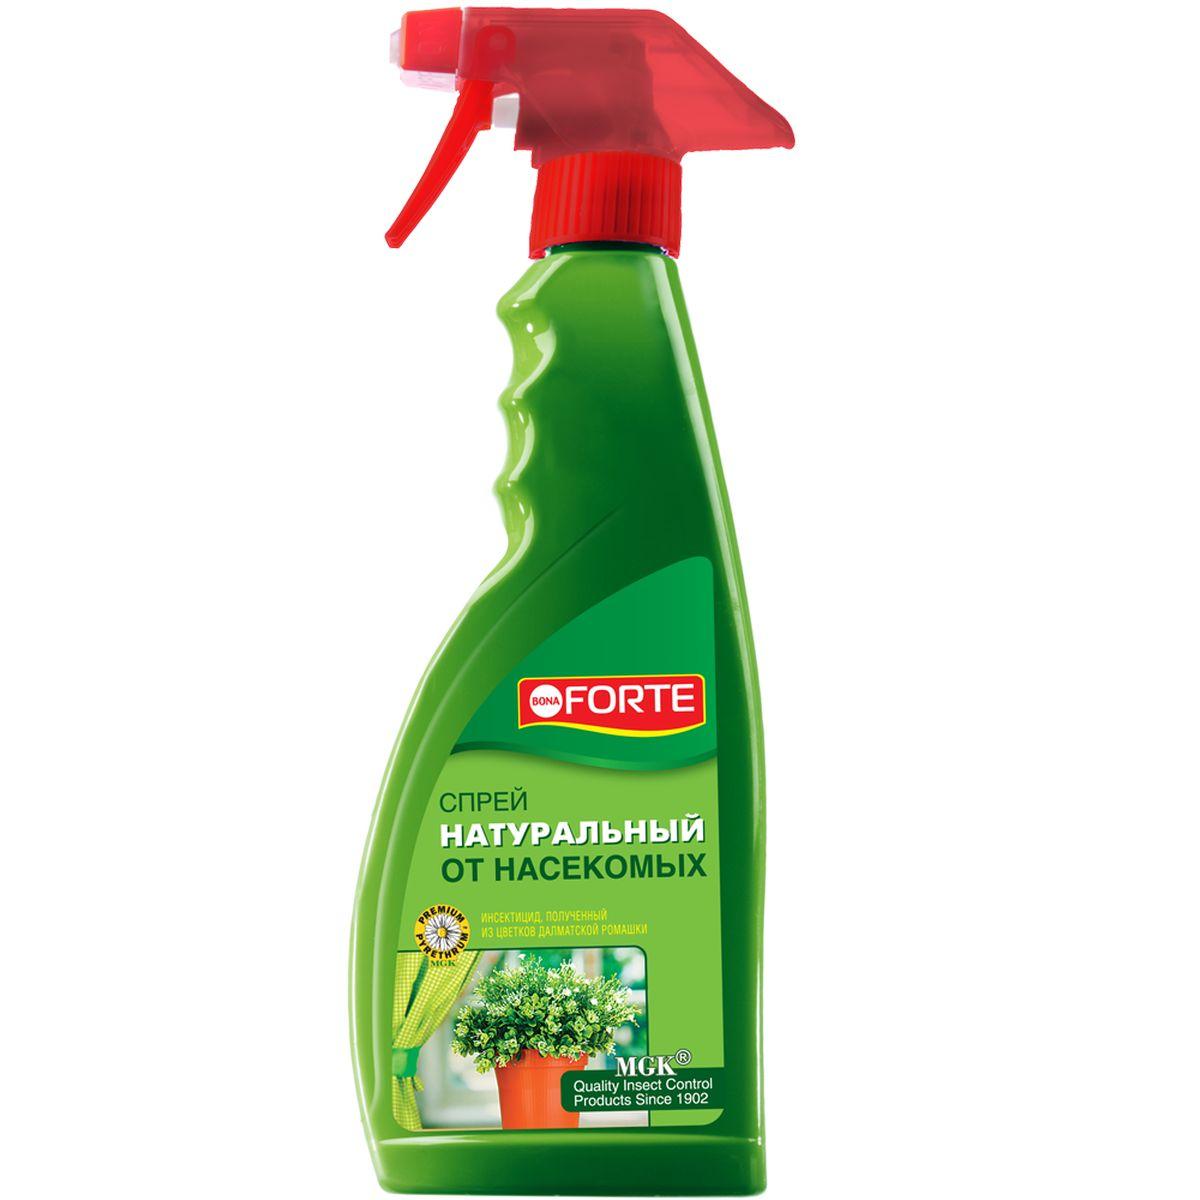 Натуральное инсектицидное средство Bona Forte, спрей, 500 млBF-26-02-001-1Для моментального уничтожения летающих насекомых-вредителей. Не вызывает привыкания у насекомых. Безопасная обработка - после воздействия натурального пиретрума на насекомых, действующие вещества быстро разлагаются до экологически безопасных остатков, не причиняя ущерб человеку и окружающей среде.Товар сертифицирован.